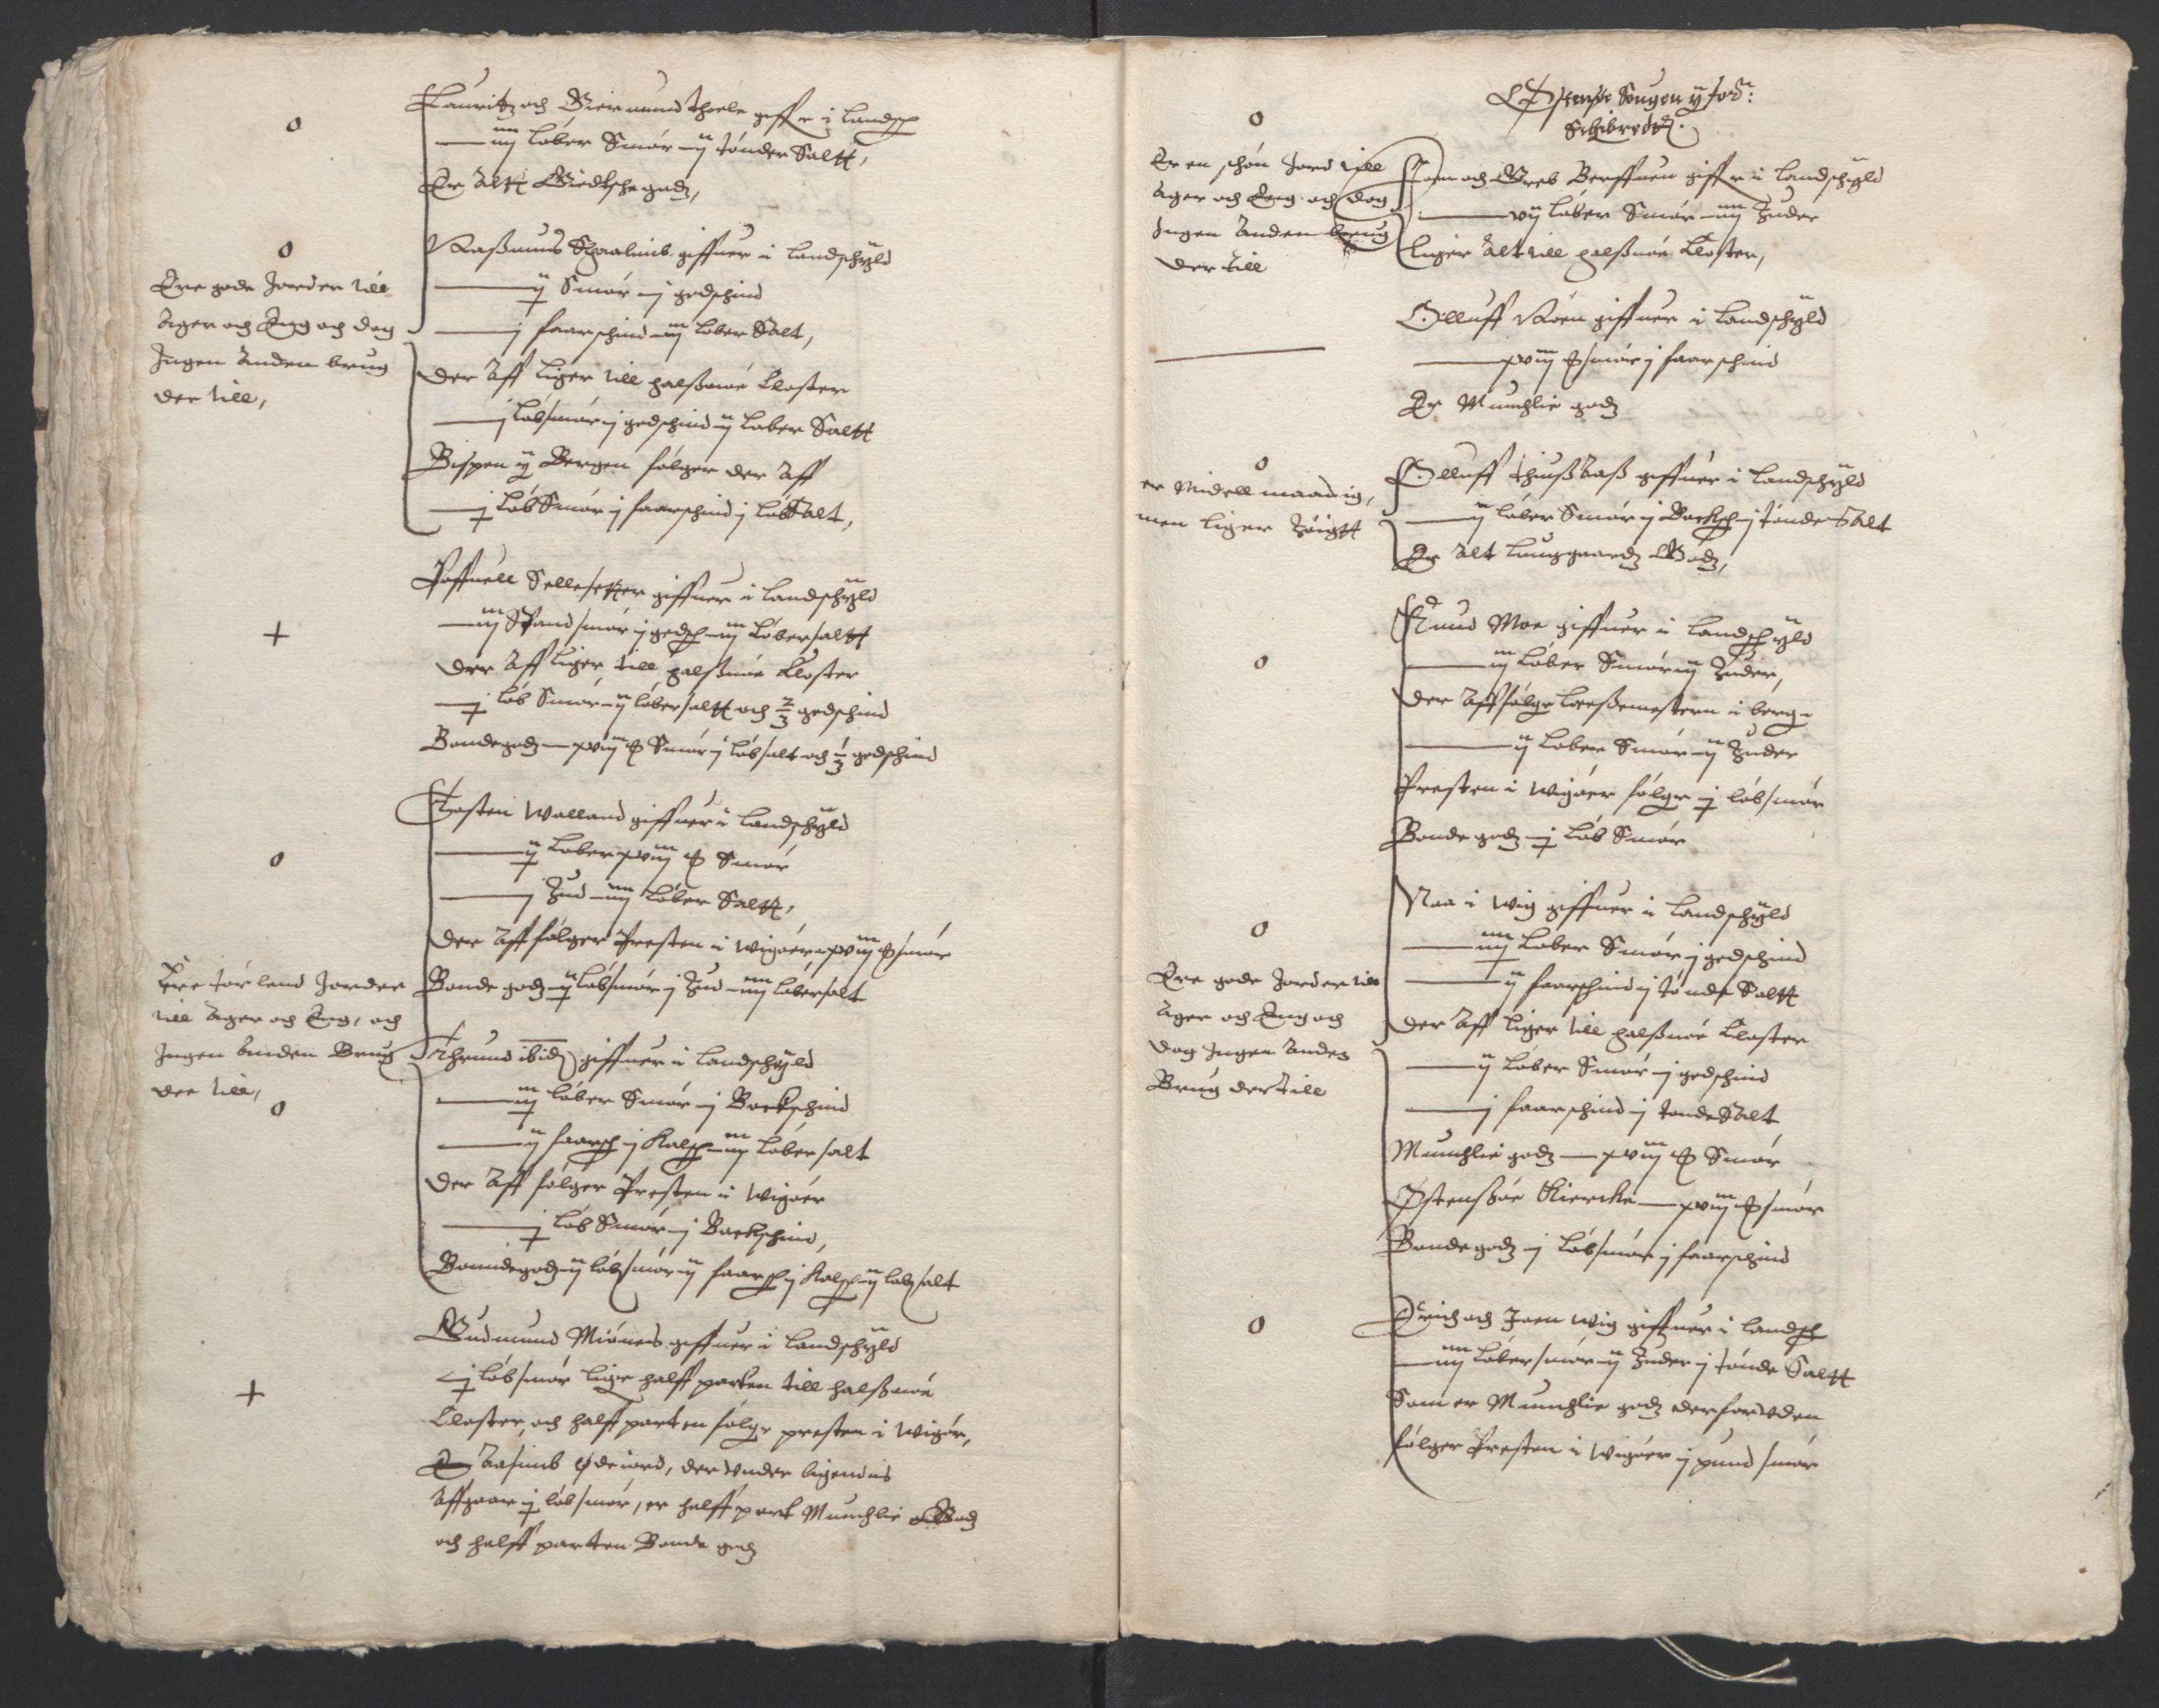 RA, Stattholderembetet 1572-1771, Ek/L0004: Jordebøker til utlikning av garnisonsskatt 1624-1626:, 1626, s. 257